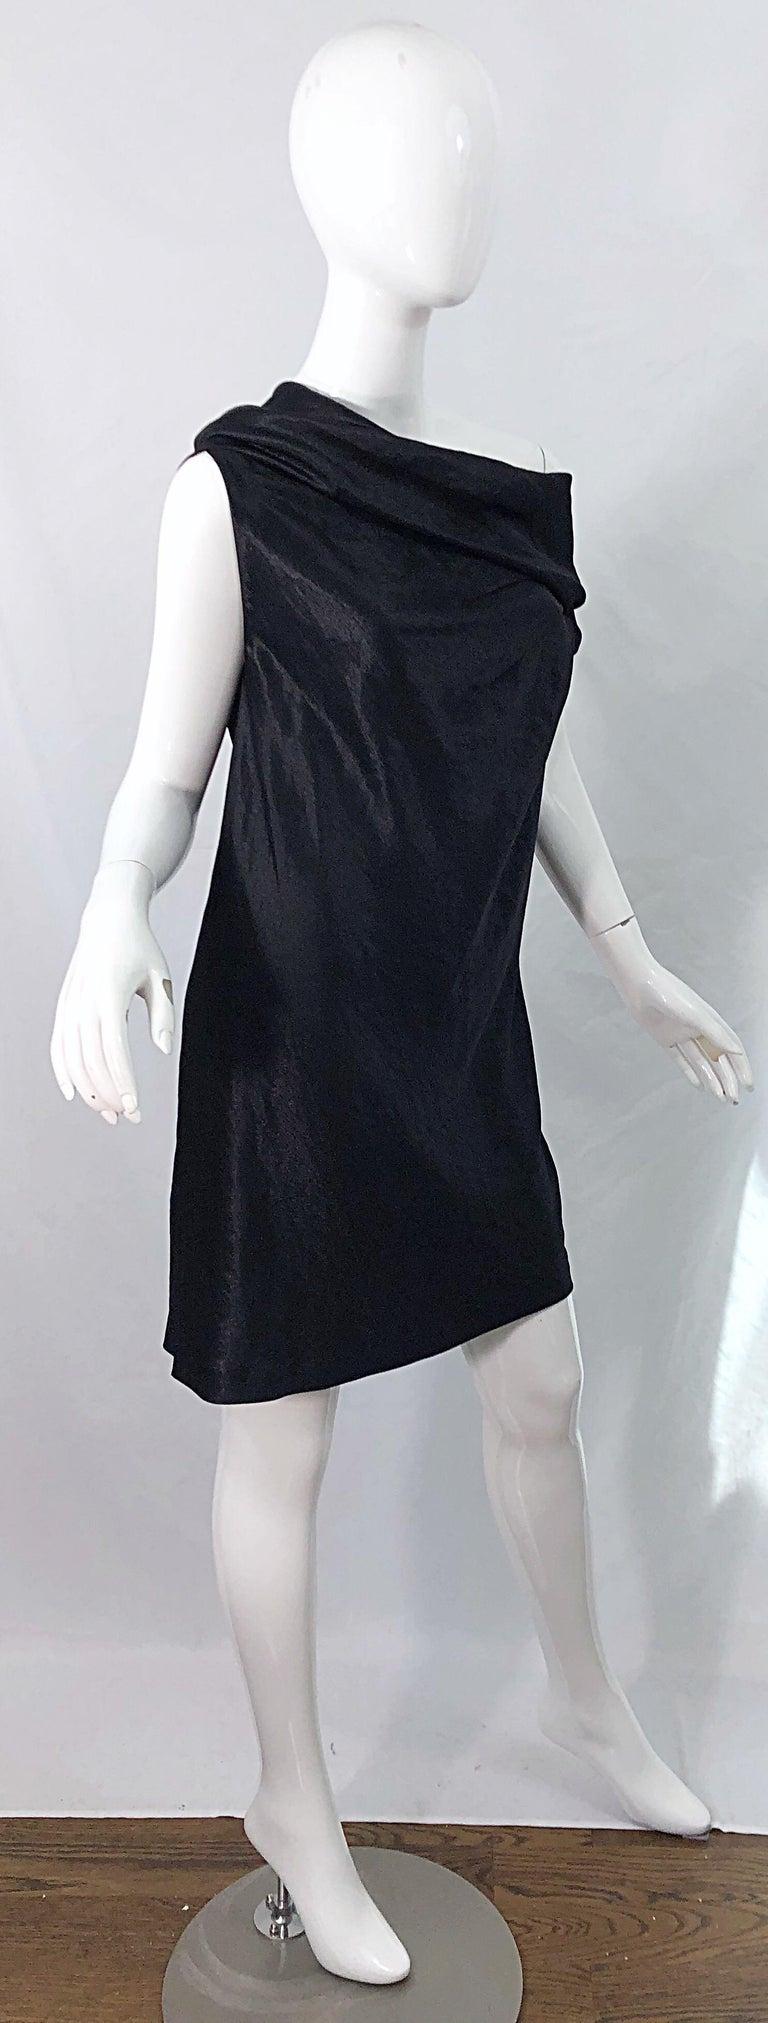 NWT 1990s Donna Karan Size 8 Black Metallic Rayon Off - Shoulder Vintage Dress For Sale 7